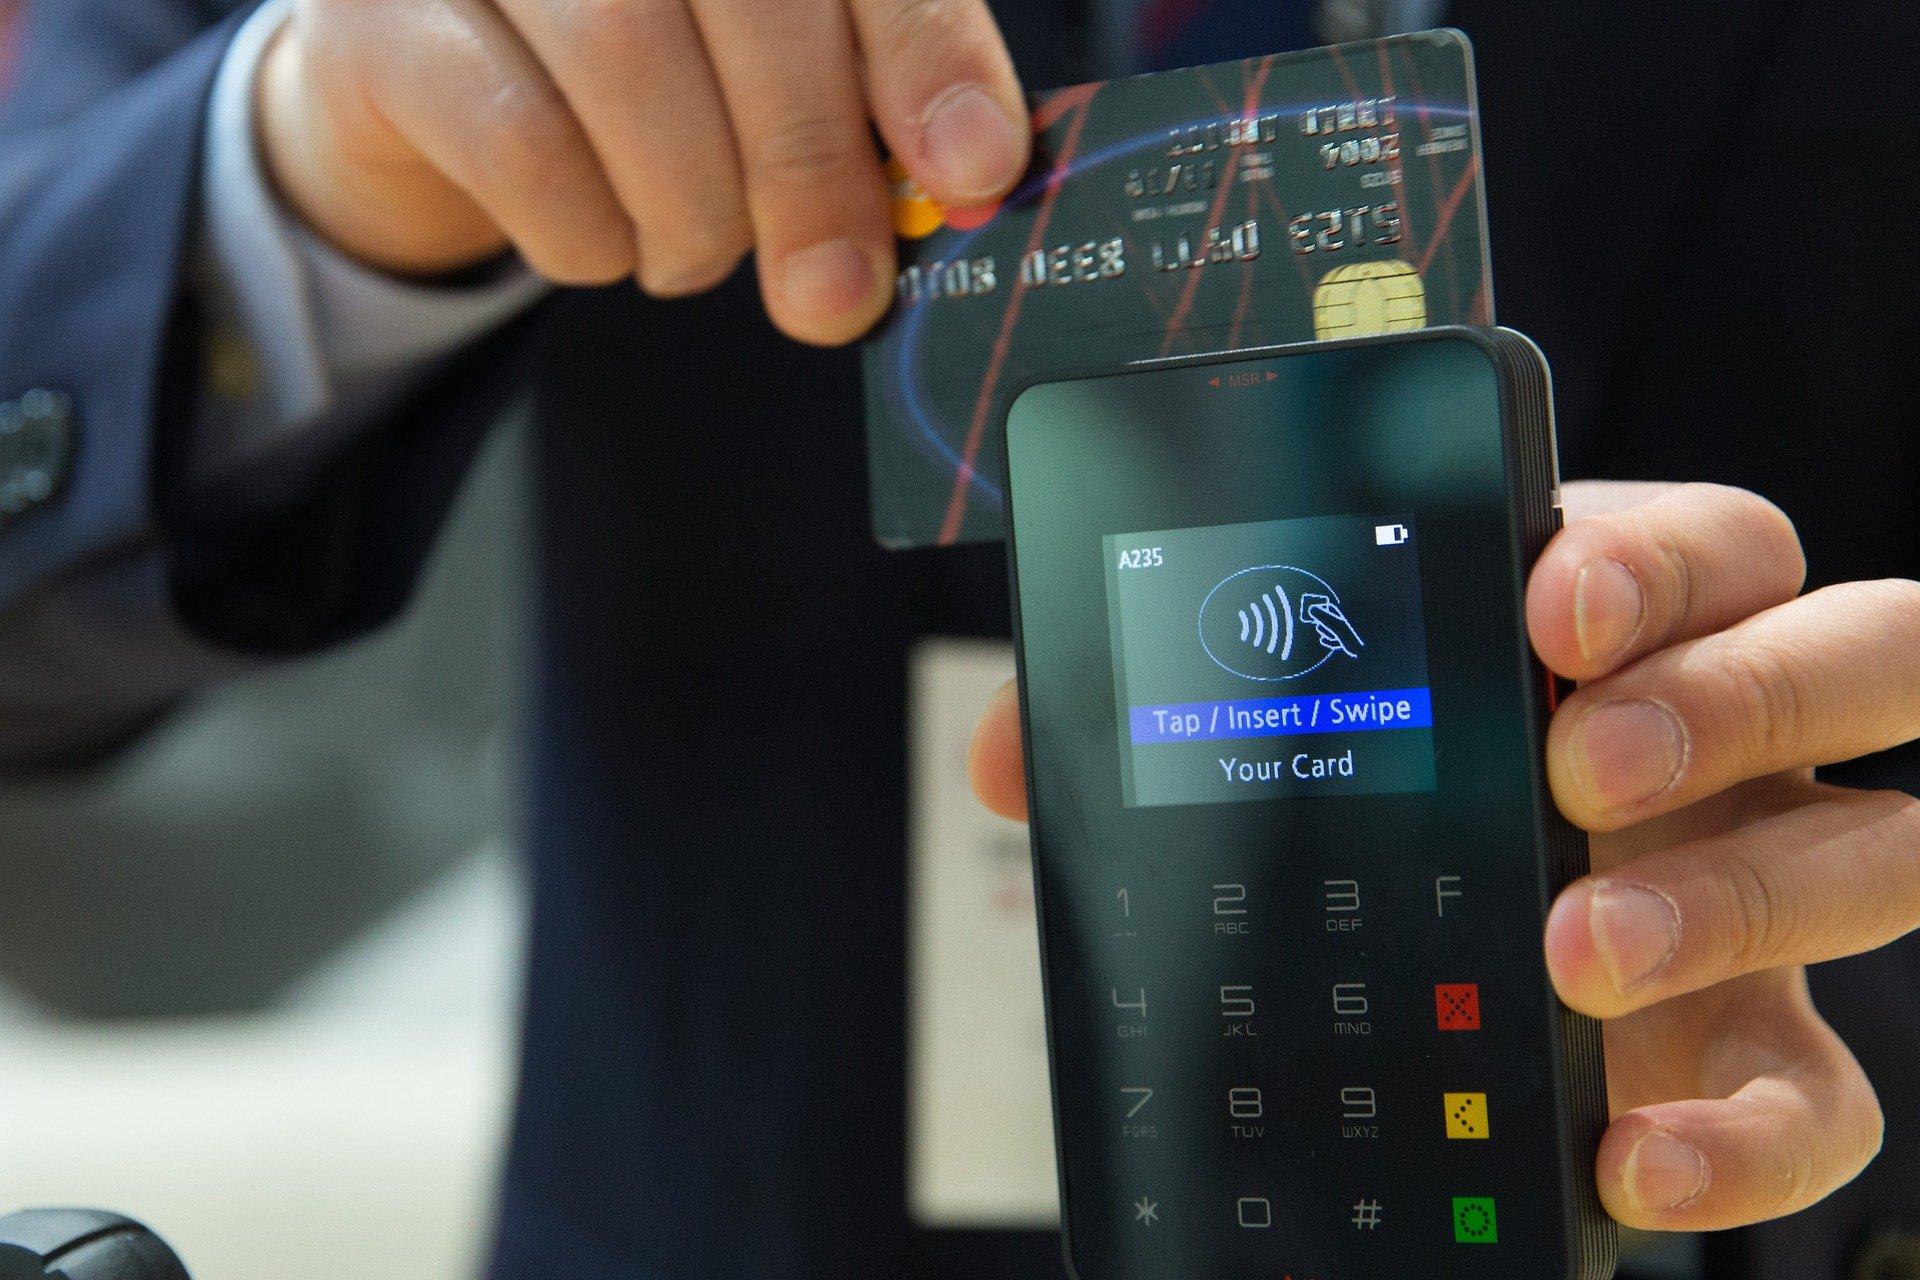 В 2020 году четверть своих платежей кировчане совершают при помощи смартфонов